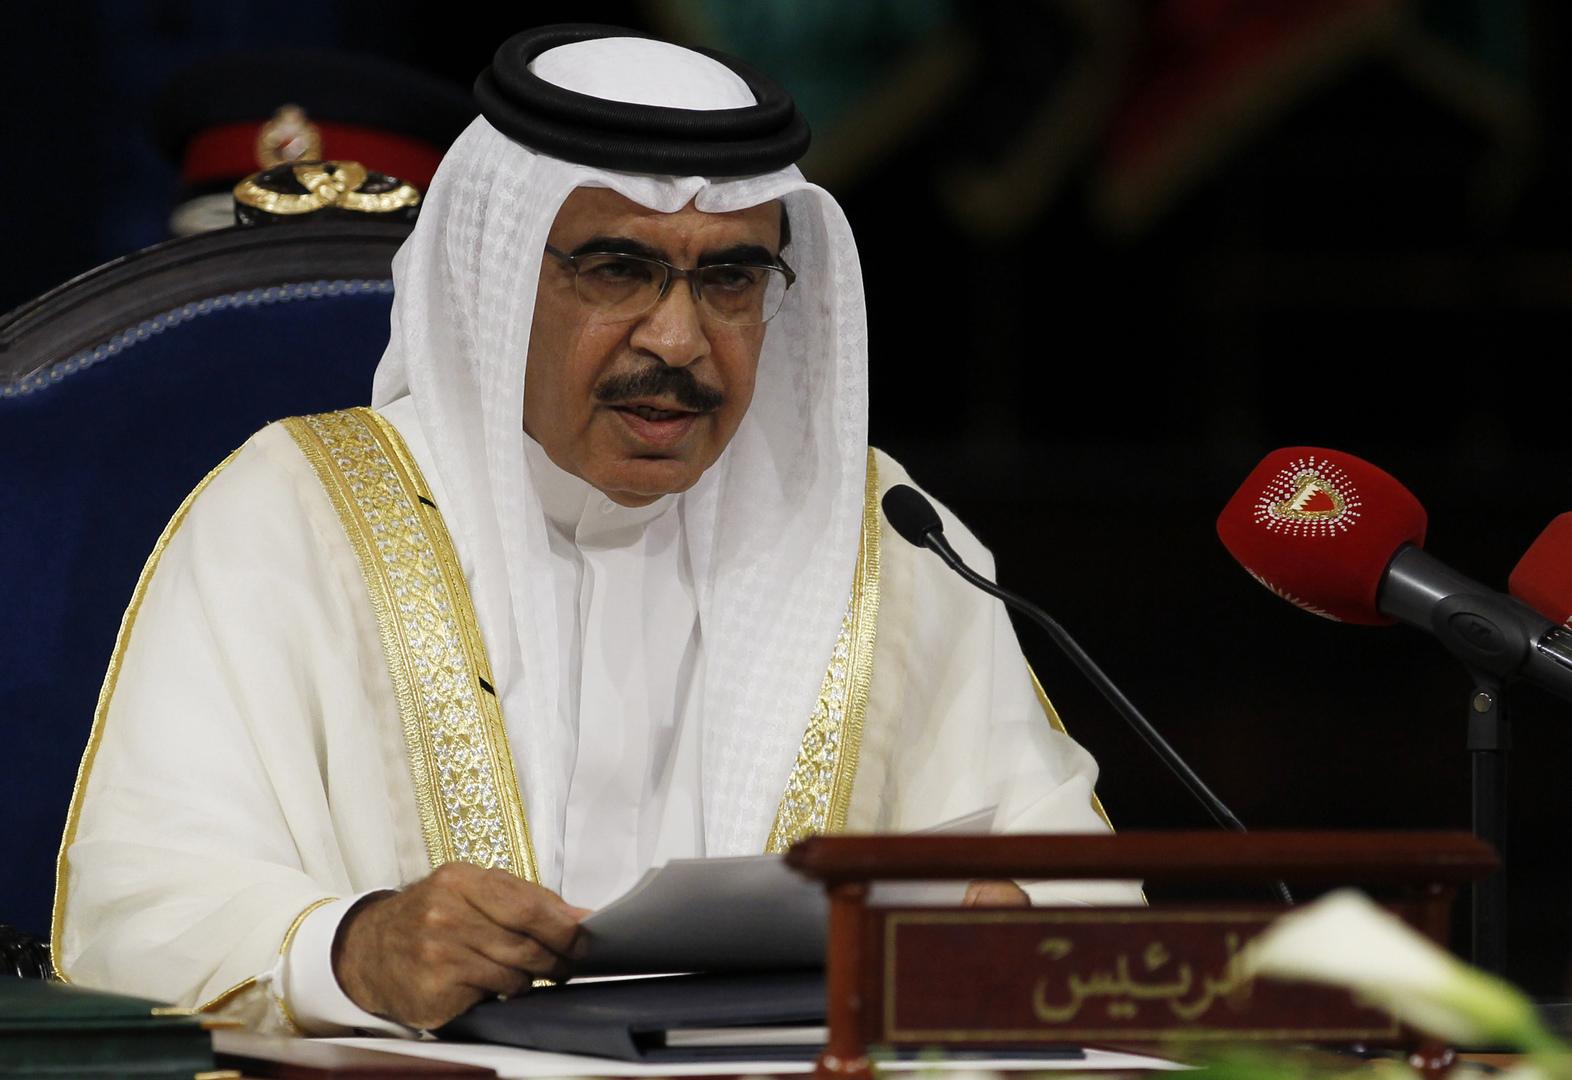 وزير الداخلية البحريني: التطبيع مع إسرائيل موقف شجاع يعكس حكمة الملك